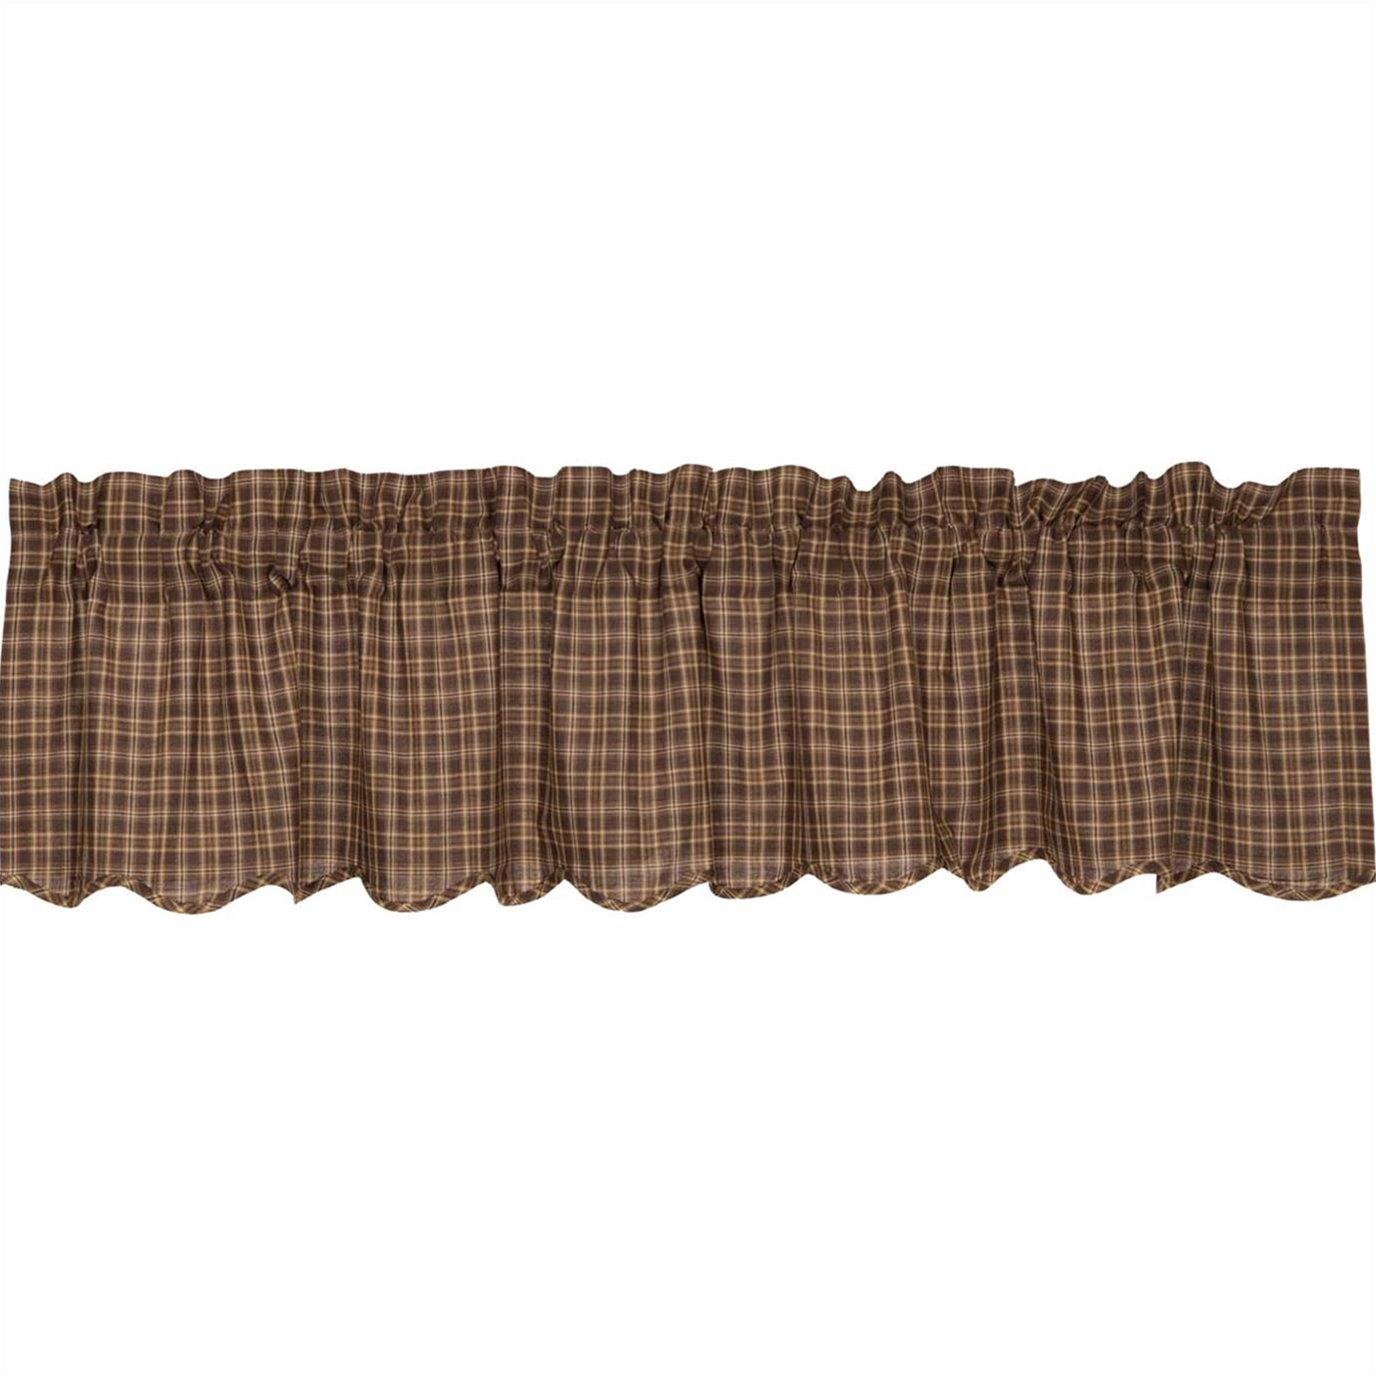 Prescott Valance Scalloped 16x72